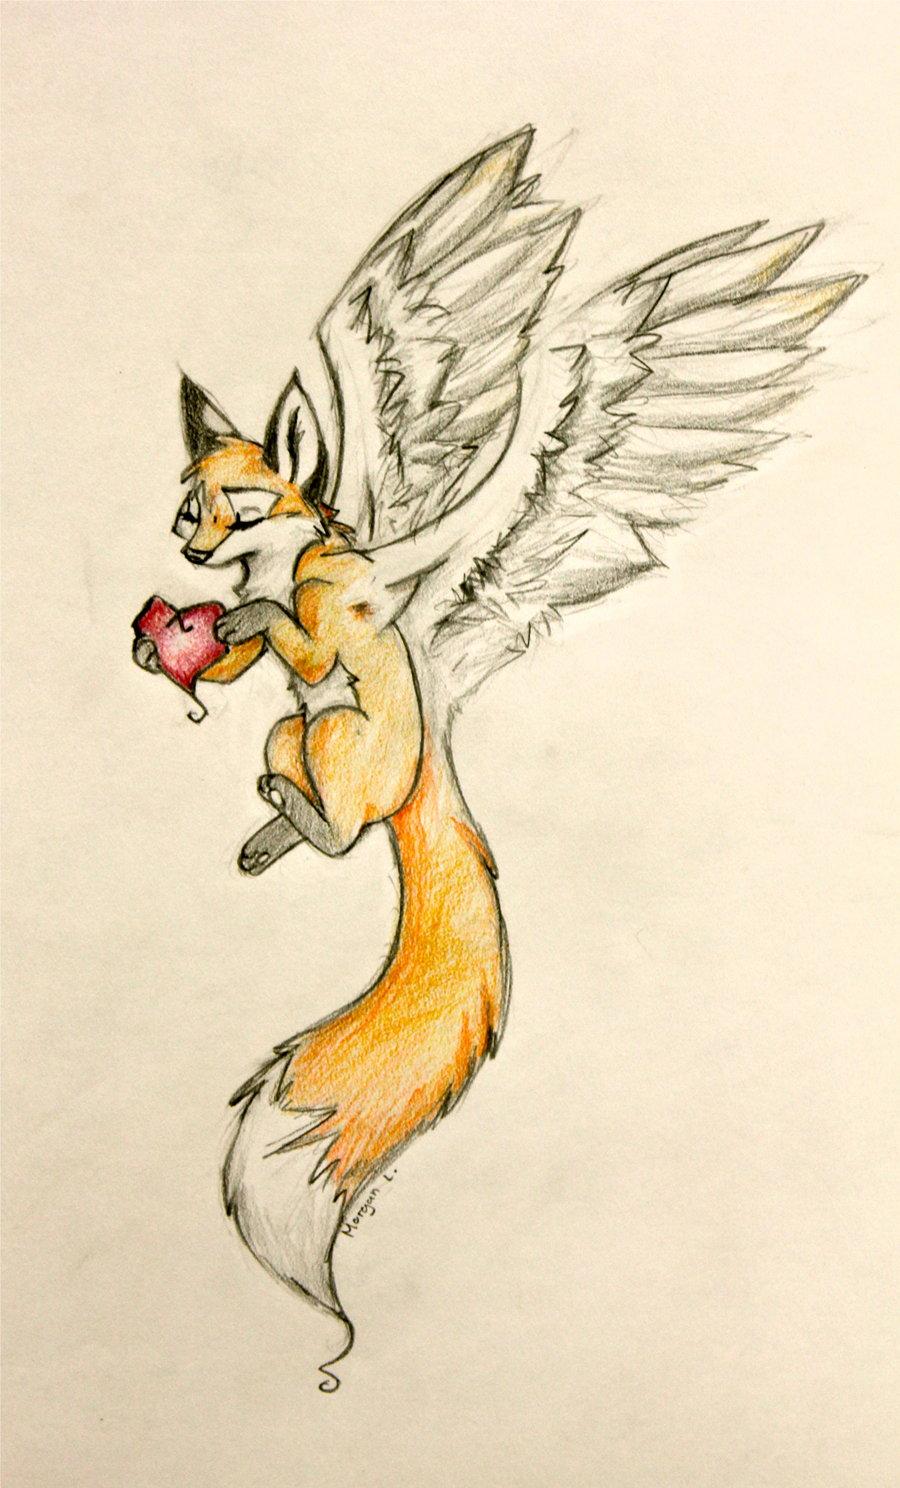 900x1488 Heart Belongs With These Wings By Wiggan